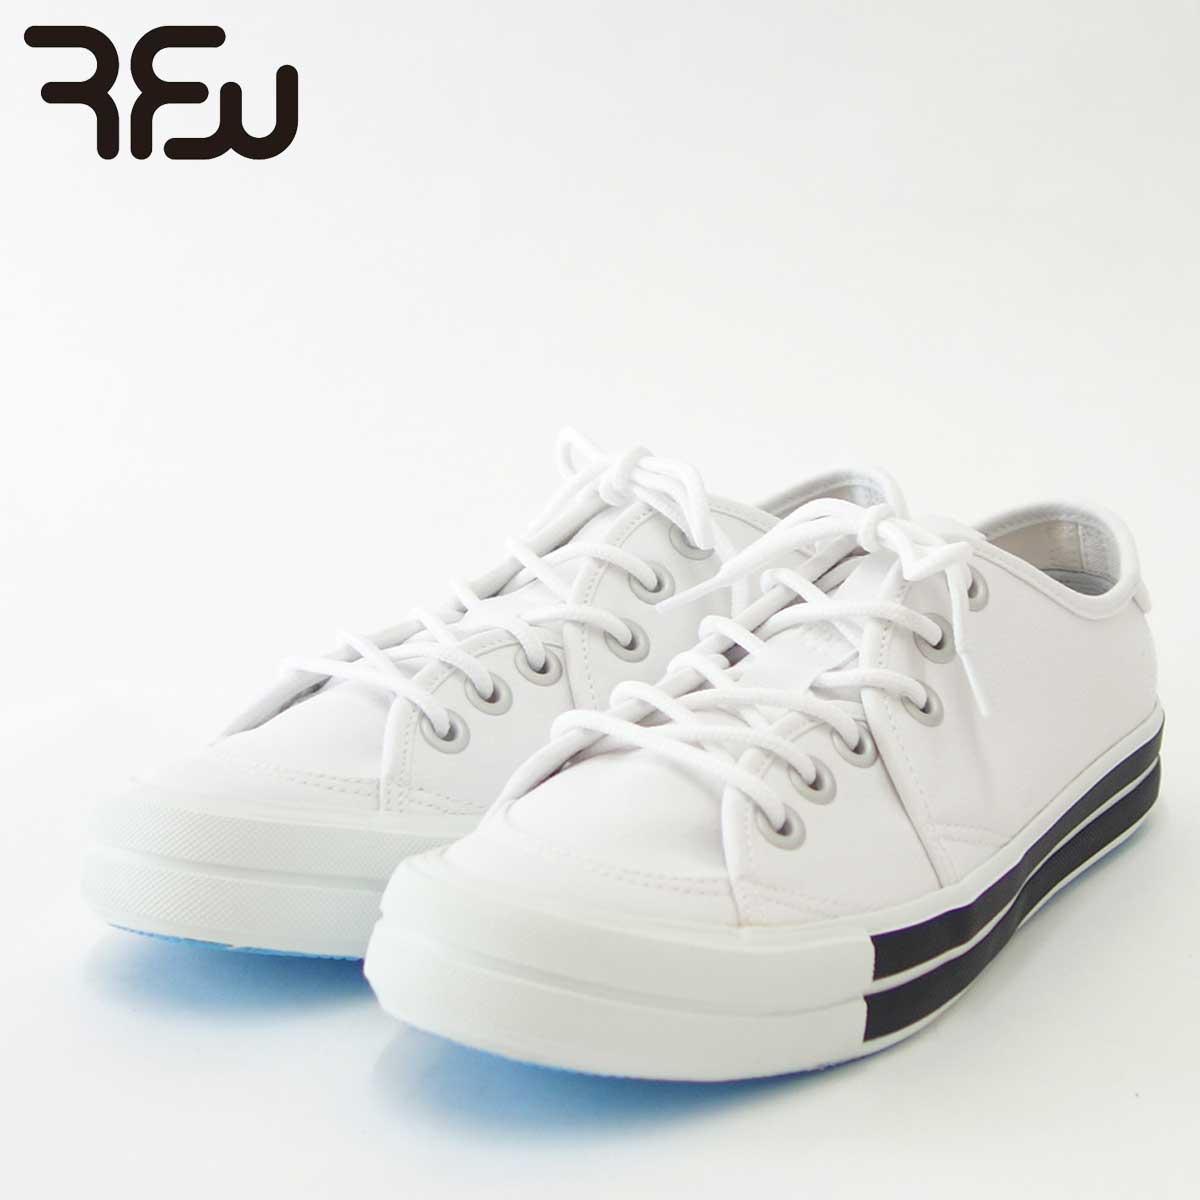 RFW アールエフダブリュー BAGEL-LO STANDARD(ユニセックス)1812011 カラー:ホワイト キャンバスのローカットスニーカー 「靴」